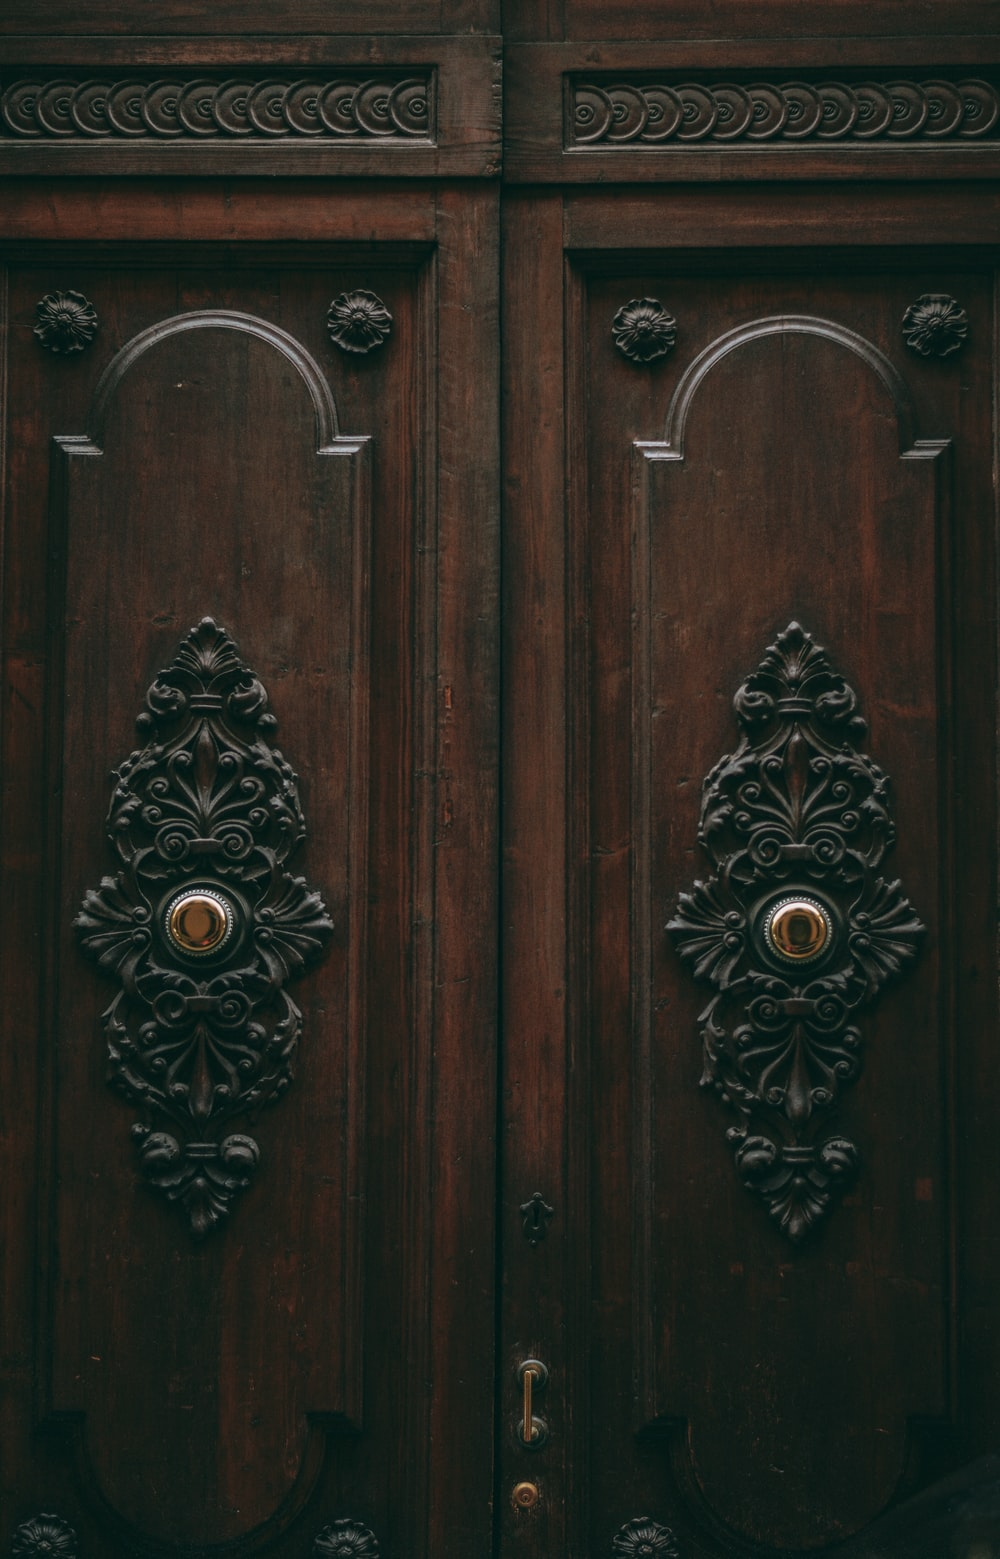 brown wooden door with black and white floral door handle